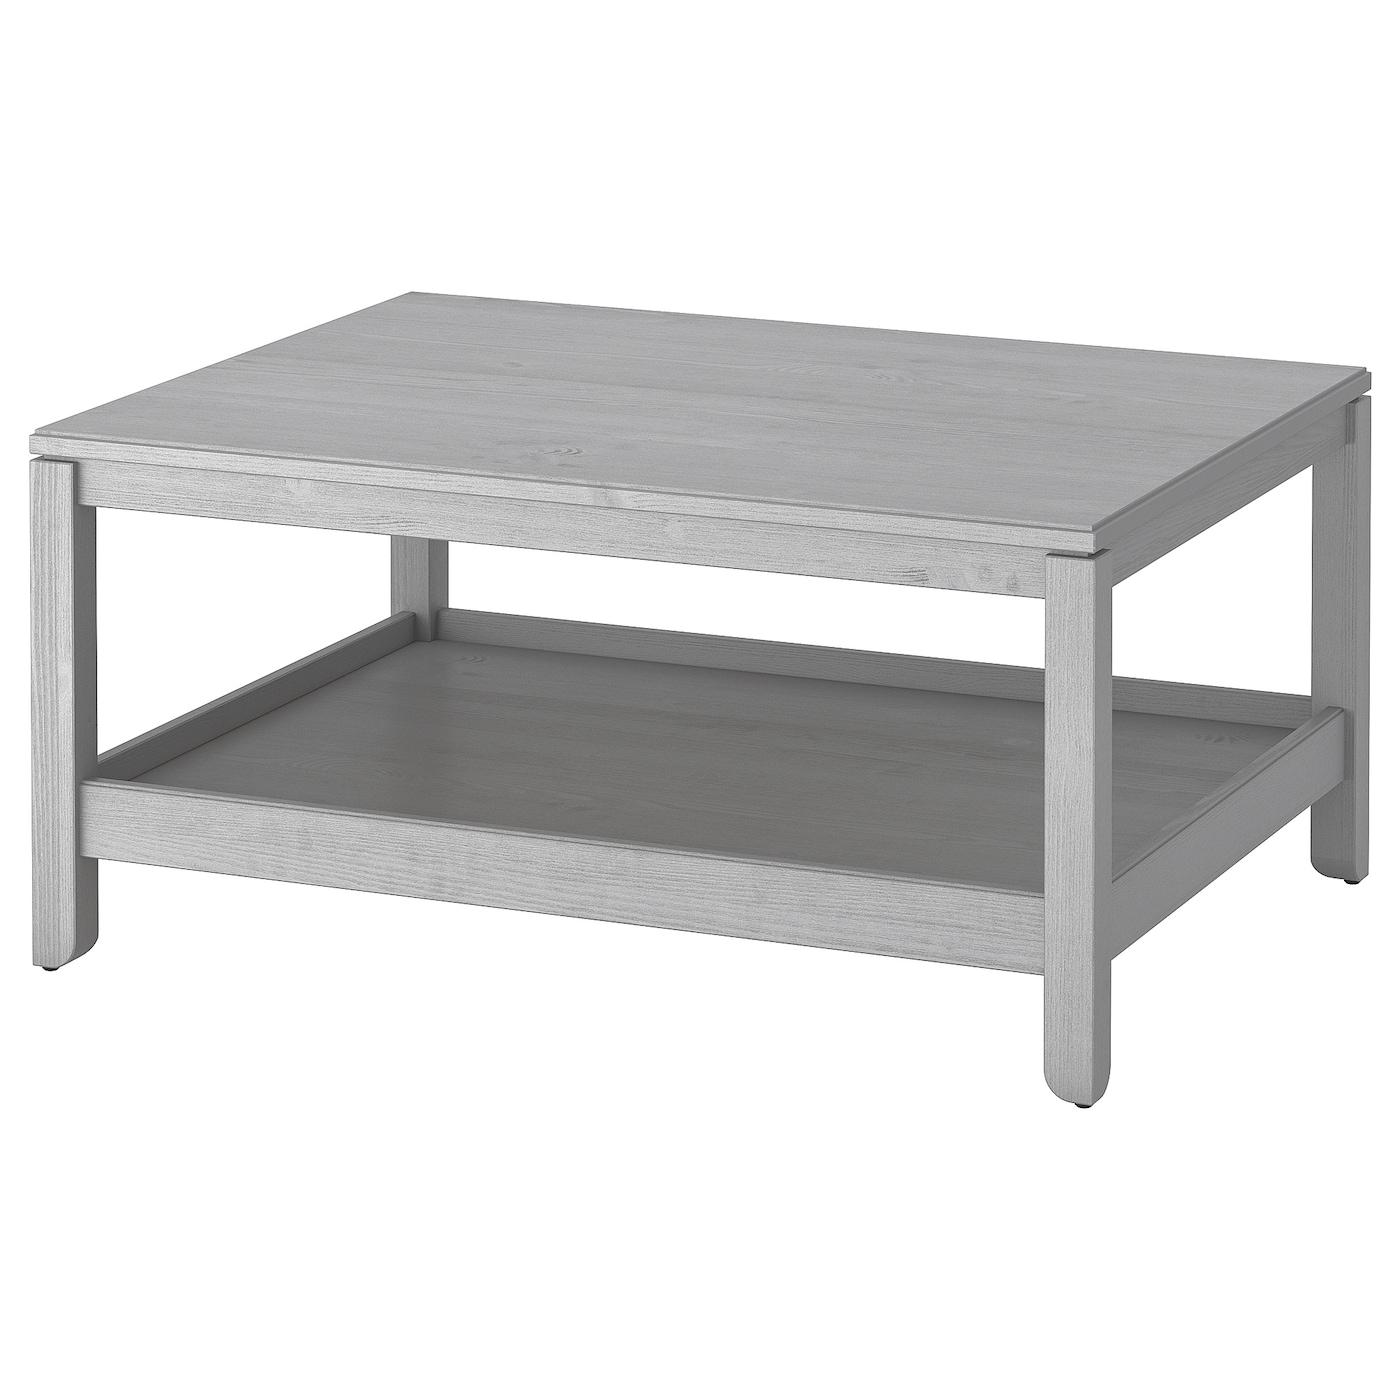 HAVSTA Coffee table - grey 10x10 cm